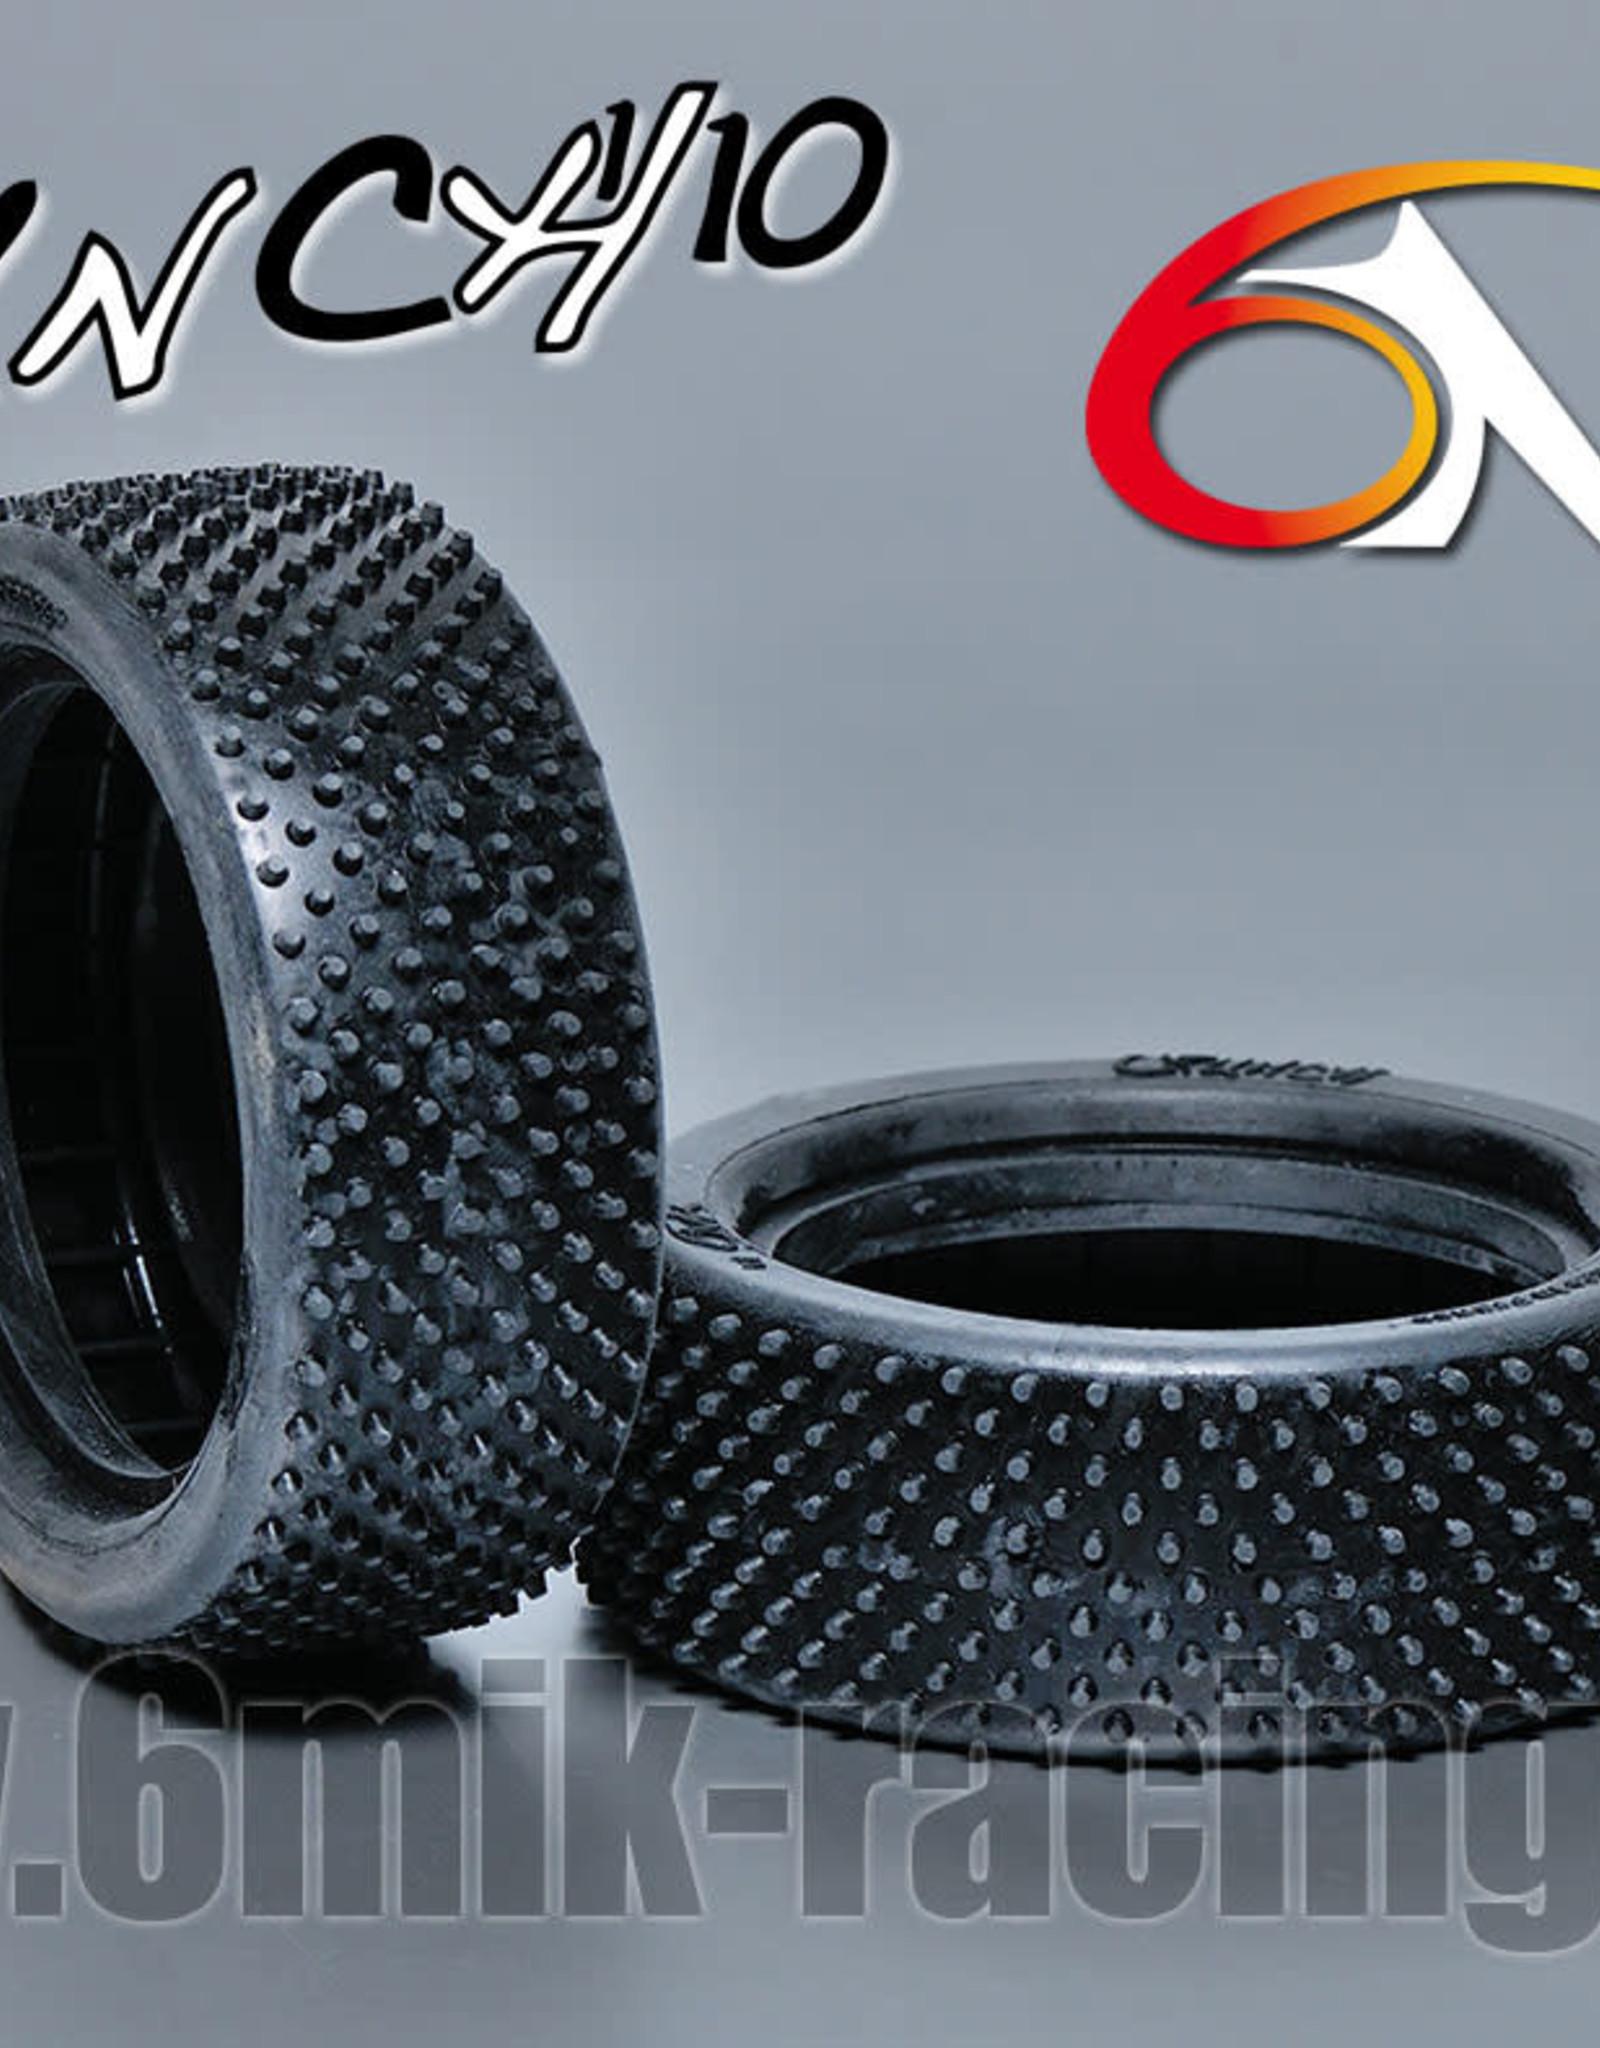 6MIK Crunch 2.2 1/10 4wd Front